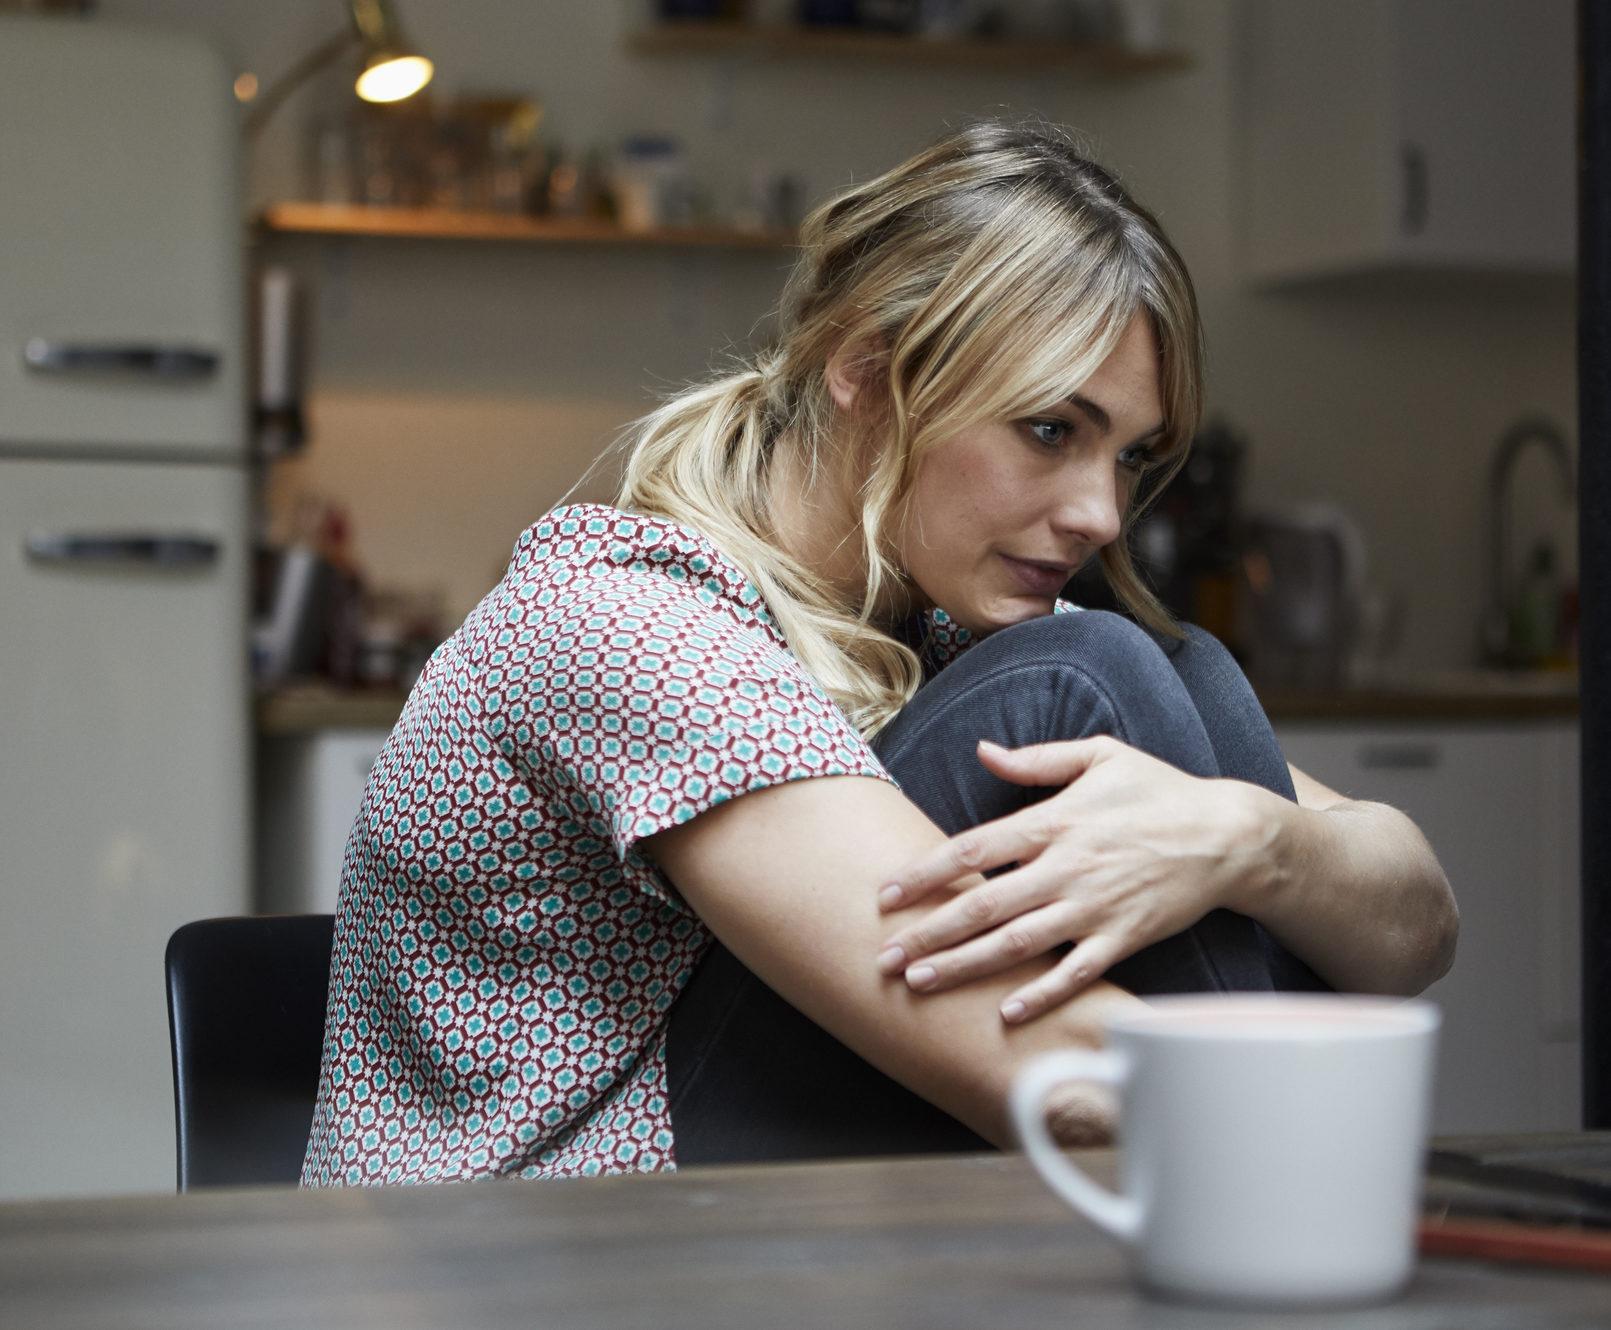 قبل ان يرهقك الشعور بالوحدة.. هذه ابرز الوسائل والطرق للتغلب عليه